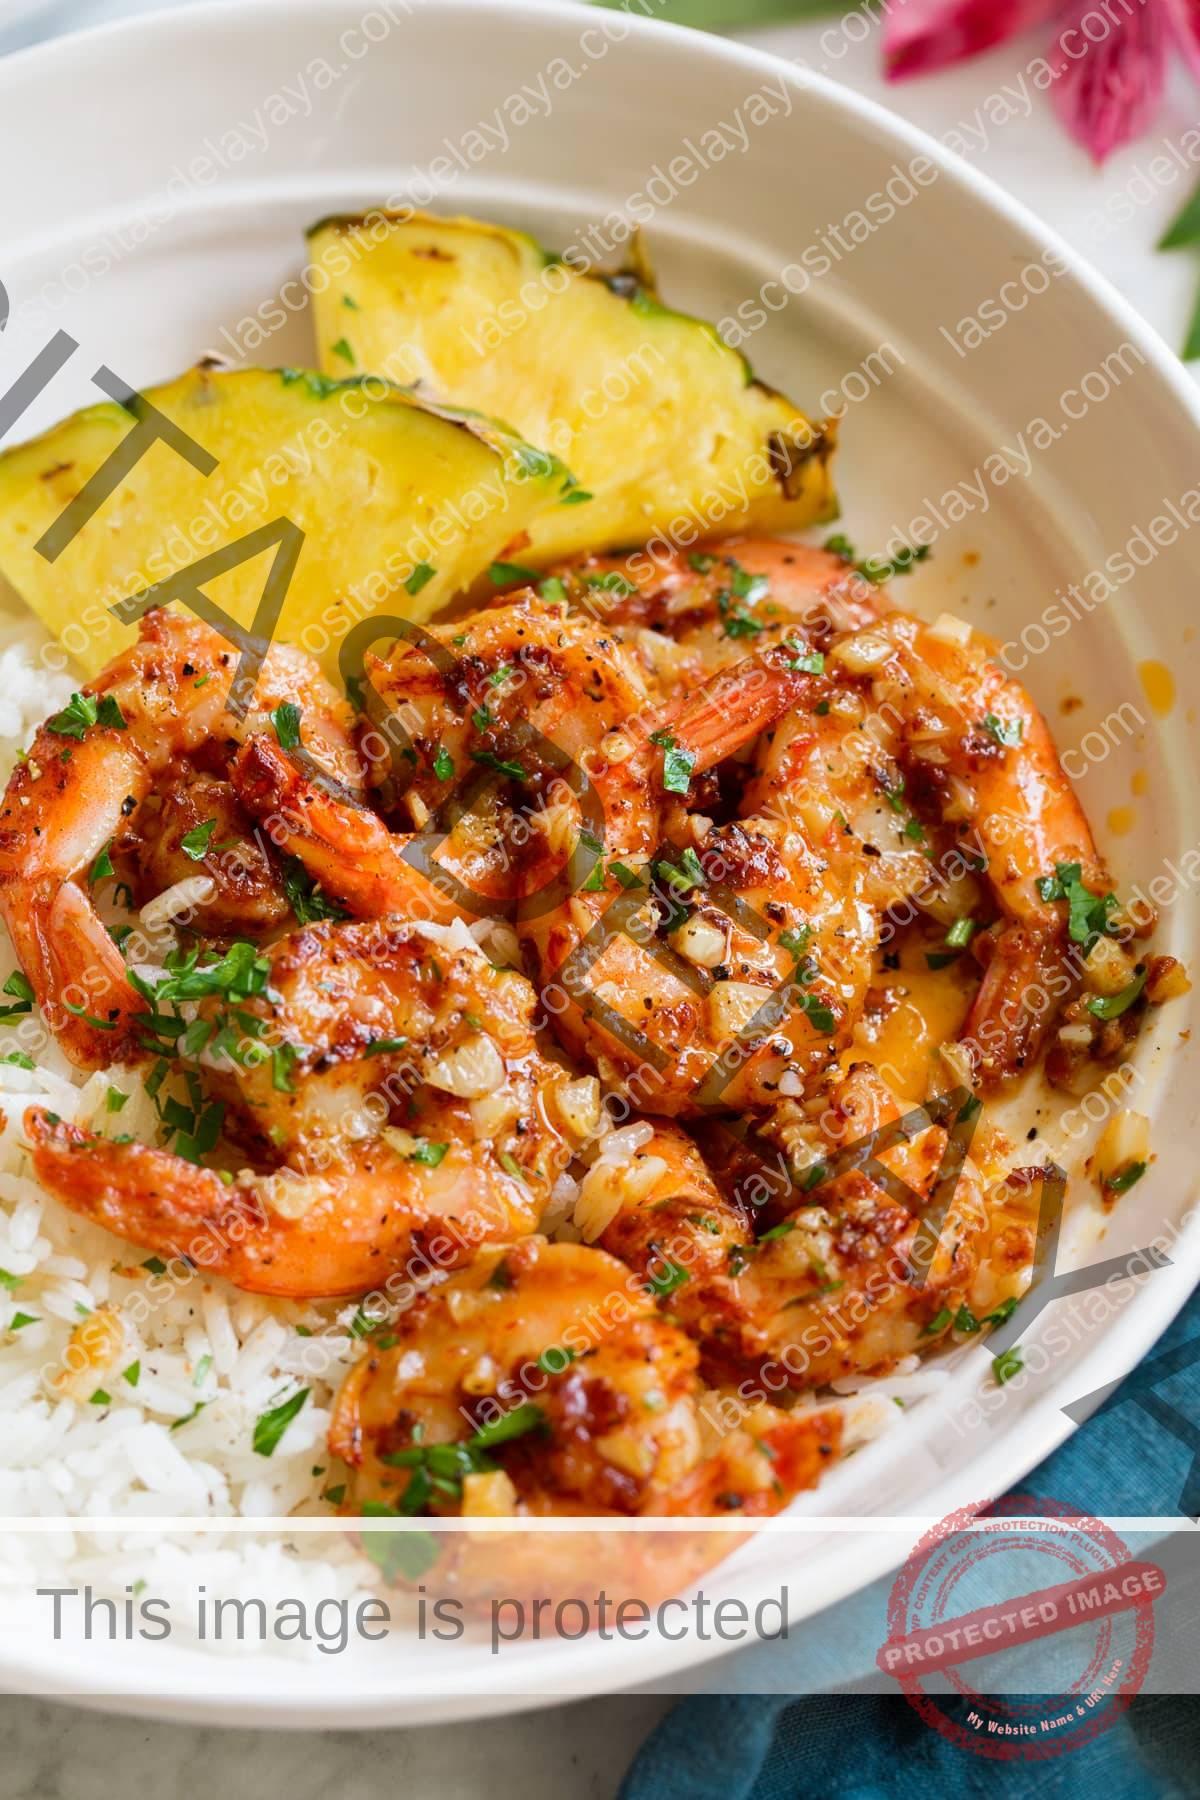 Cerrar imagen de camarones al ajillo hawaianos servidos sobre arroz blanco con rodajas de piña fresca.